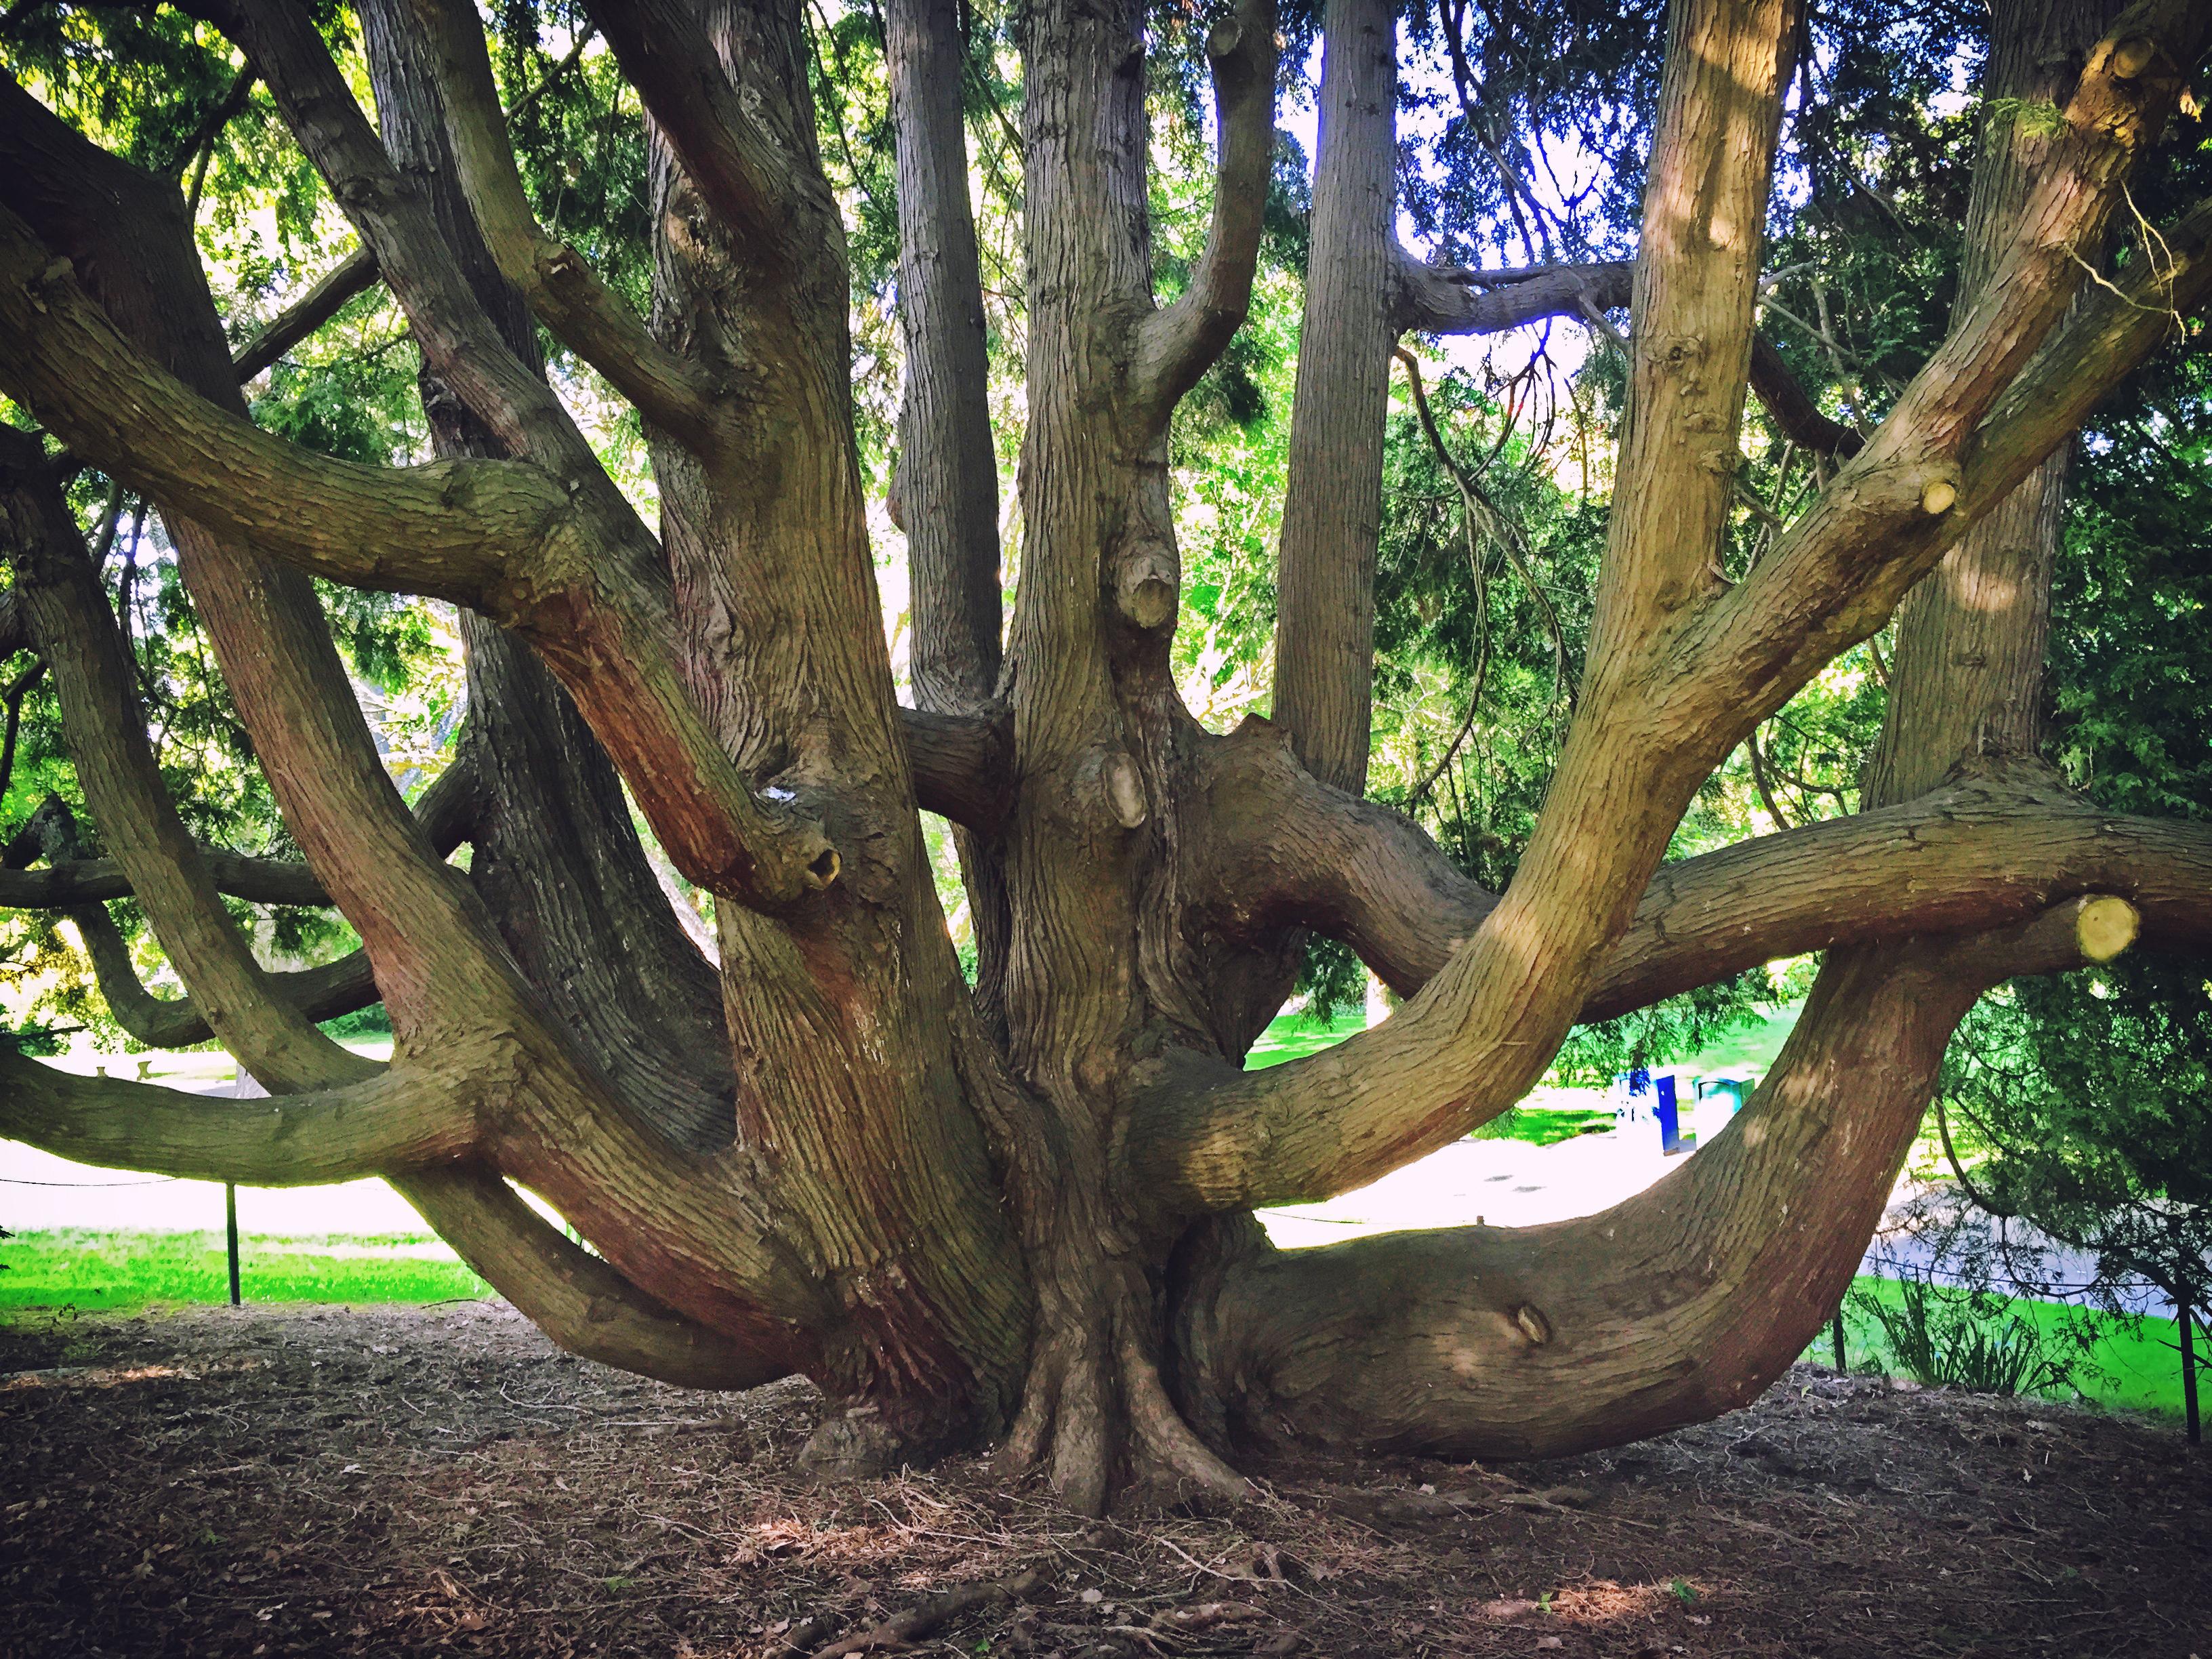 File:Seattle U2014 Carl S. English Jr. Botanical Gardens U2014 03